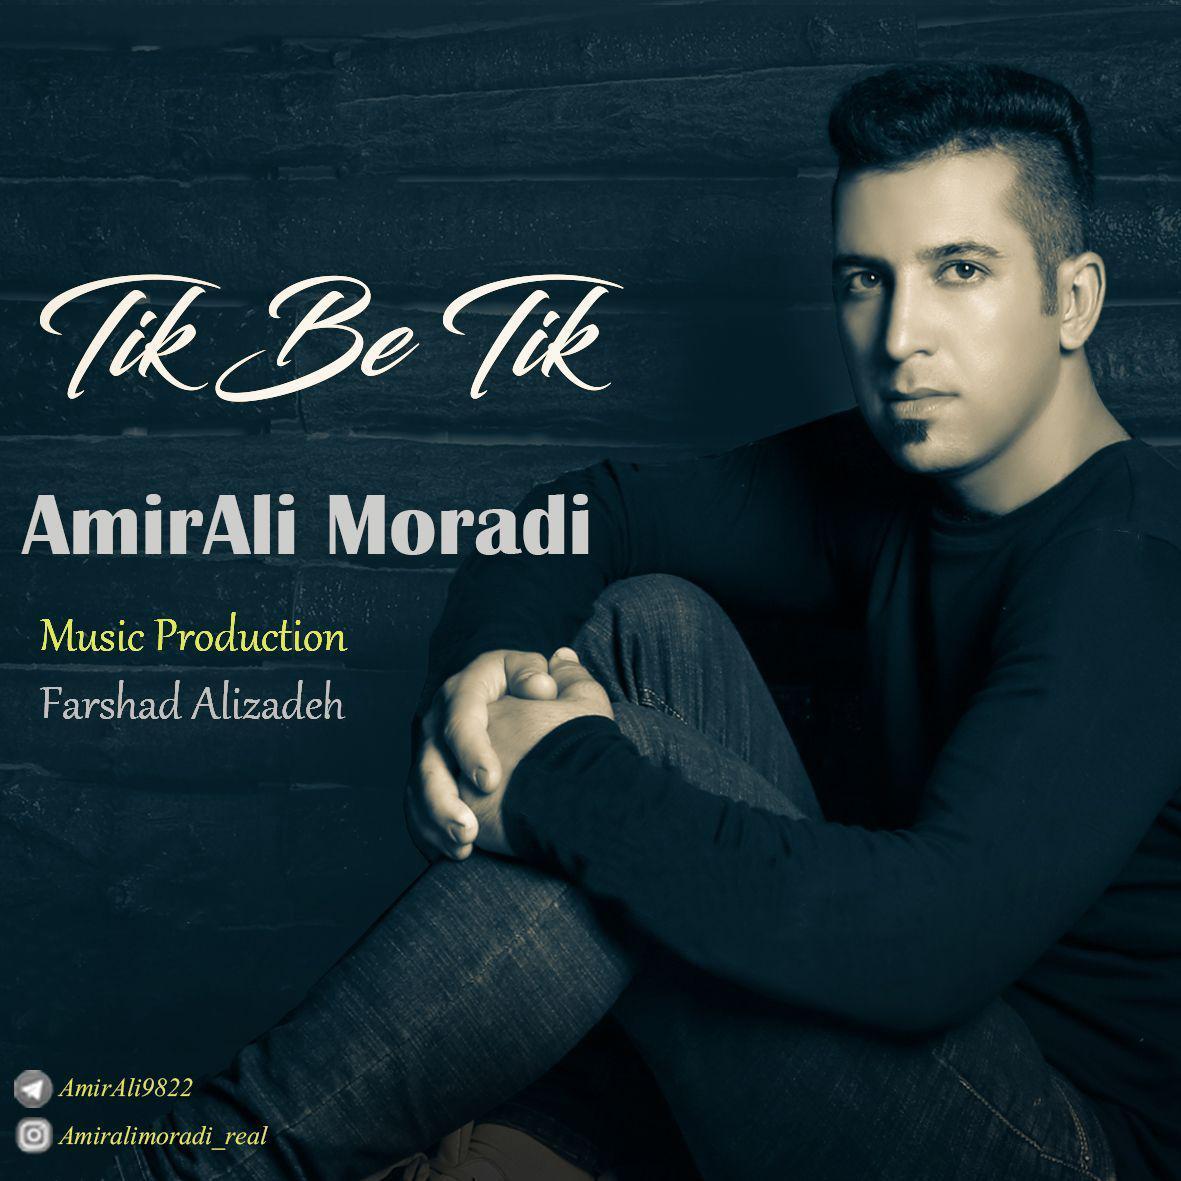 Amirali Moradi – Tik be Tik